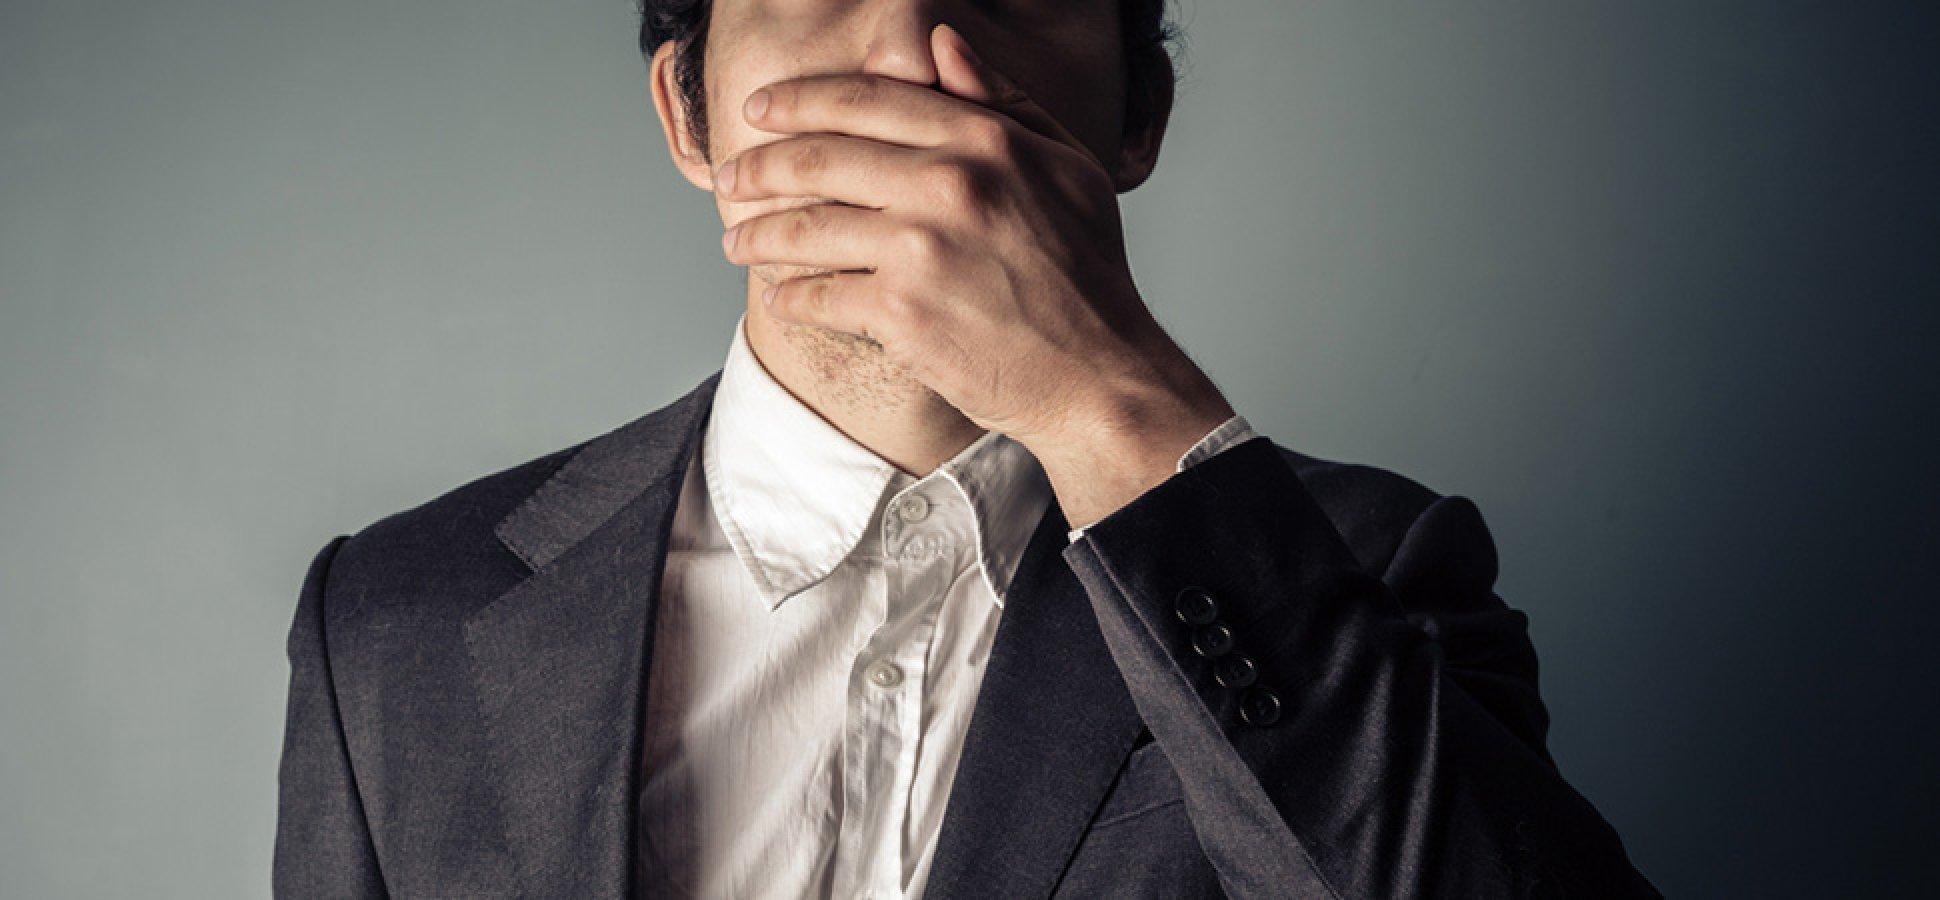 اخبار الامارات العاجلة lack-of-self-esteem لماذا يعاني بعض الناس من ضعف الثقة بالنفس ؟ أخبار متنوعة  نفس منوعات فشل شخصية ثقة أخبار متنوعة   اخبار الامارات العاجلة -الثقة-بالنفس3 لماذا يعاني بعض الناس من ضعف الثقة بالنفس ؟ أخبار متنوعة  نفس منوعات فشل شخصية ثقة أخبار متنوعة